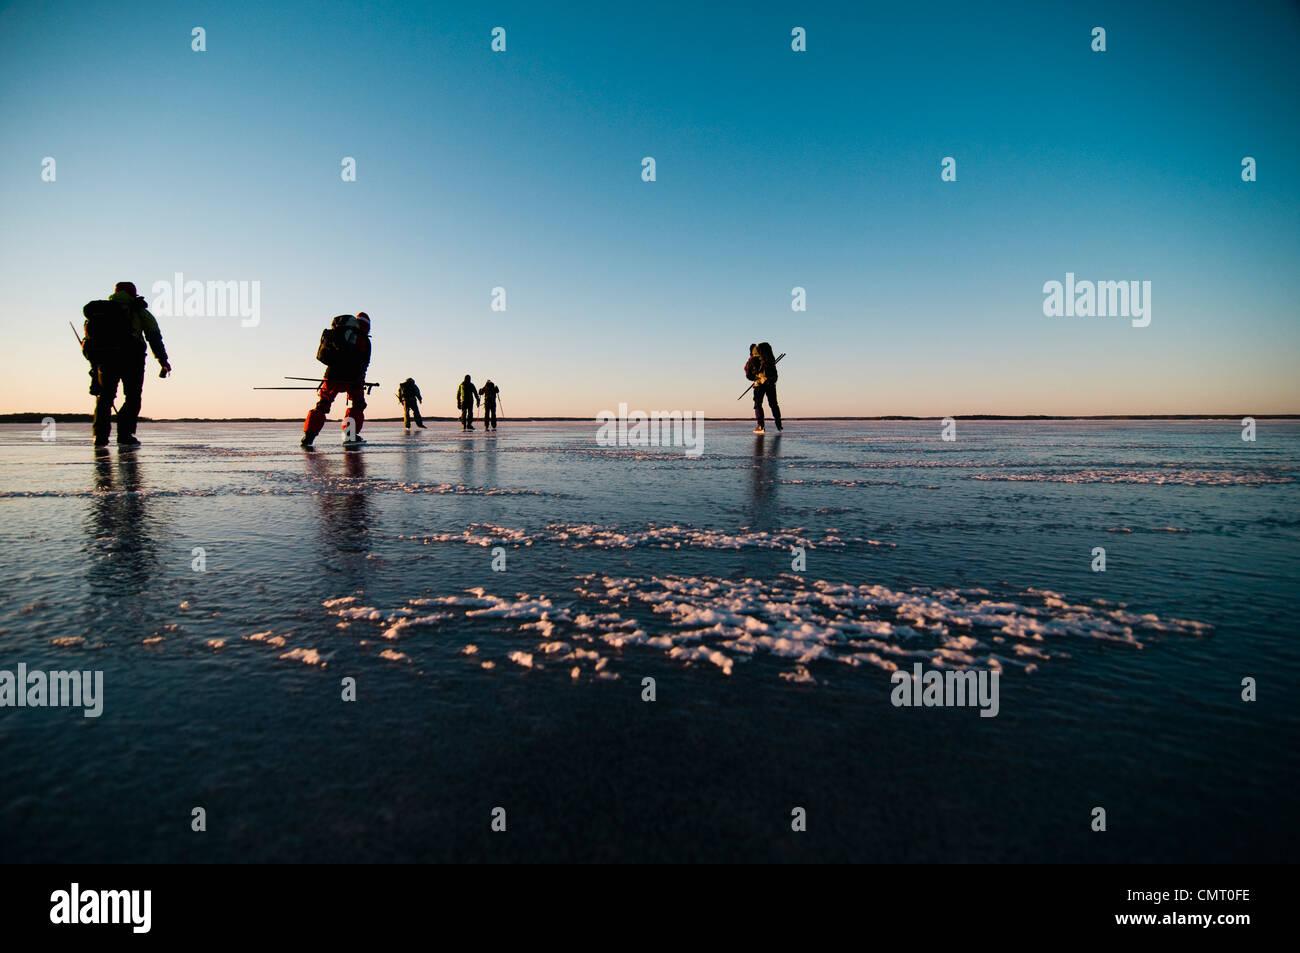 Grupo medio de personas patinando Imagen De Stock